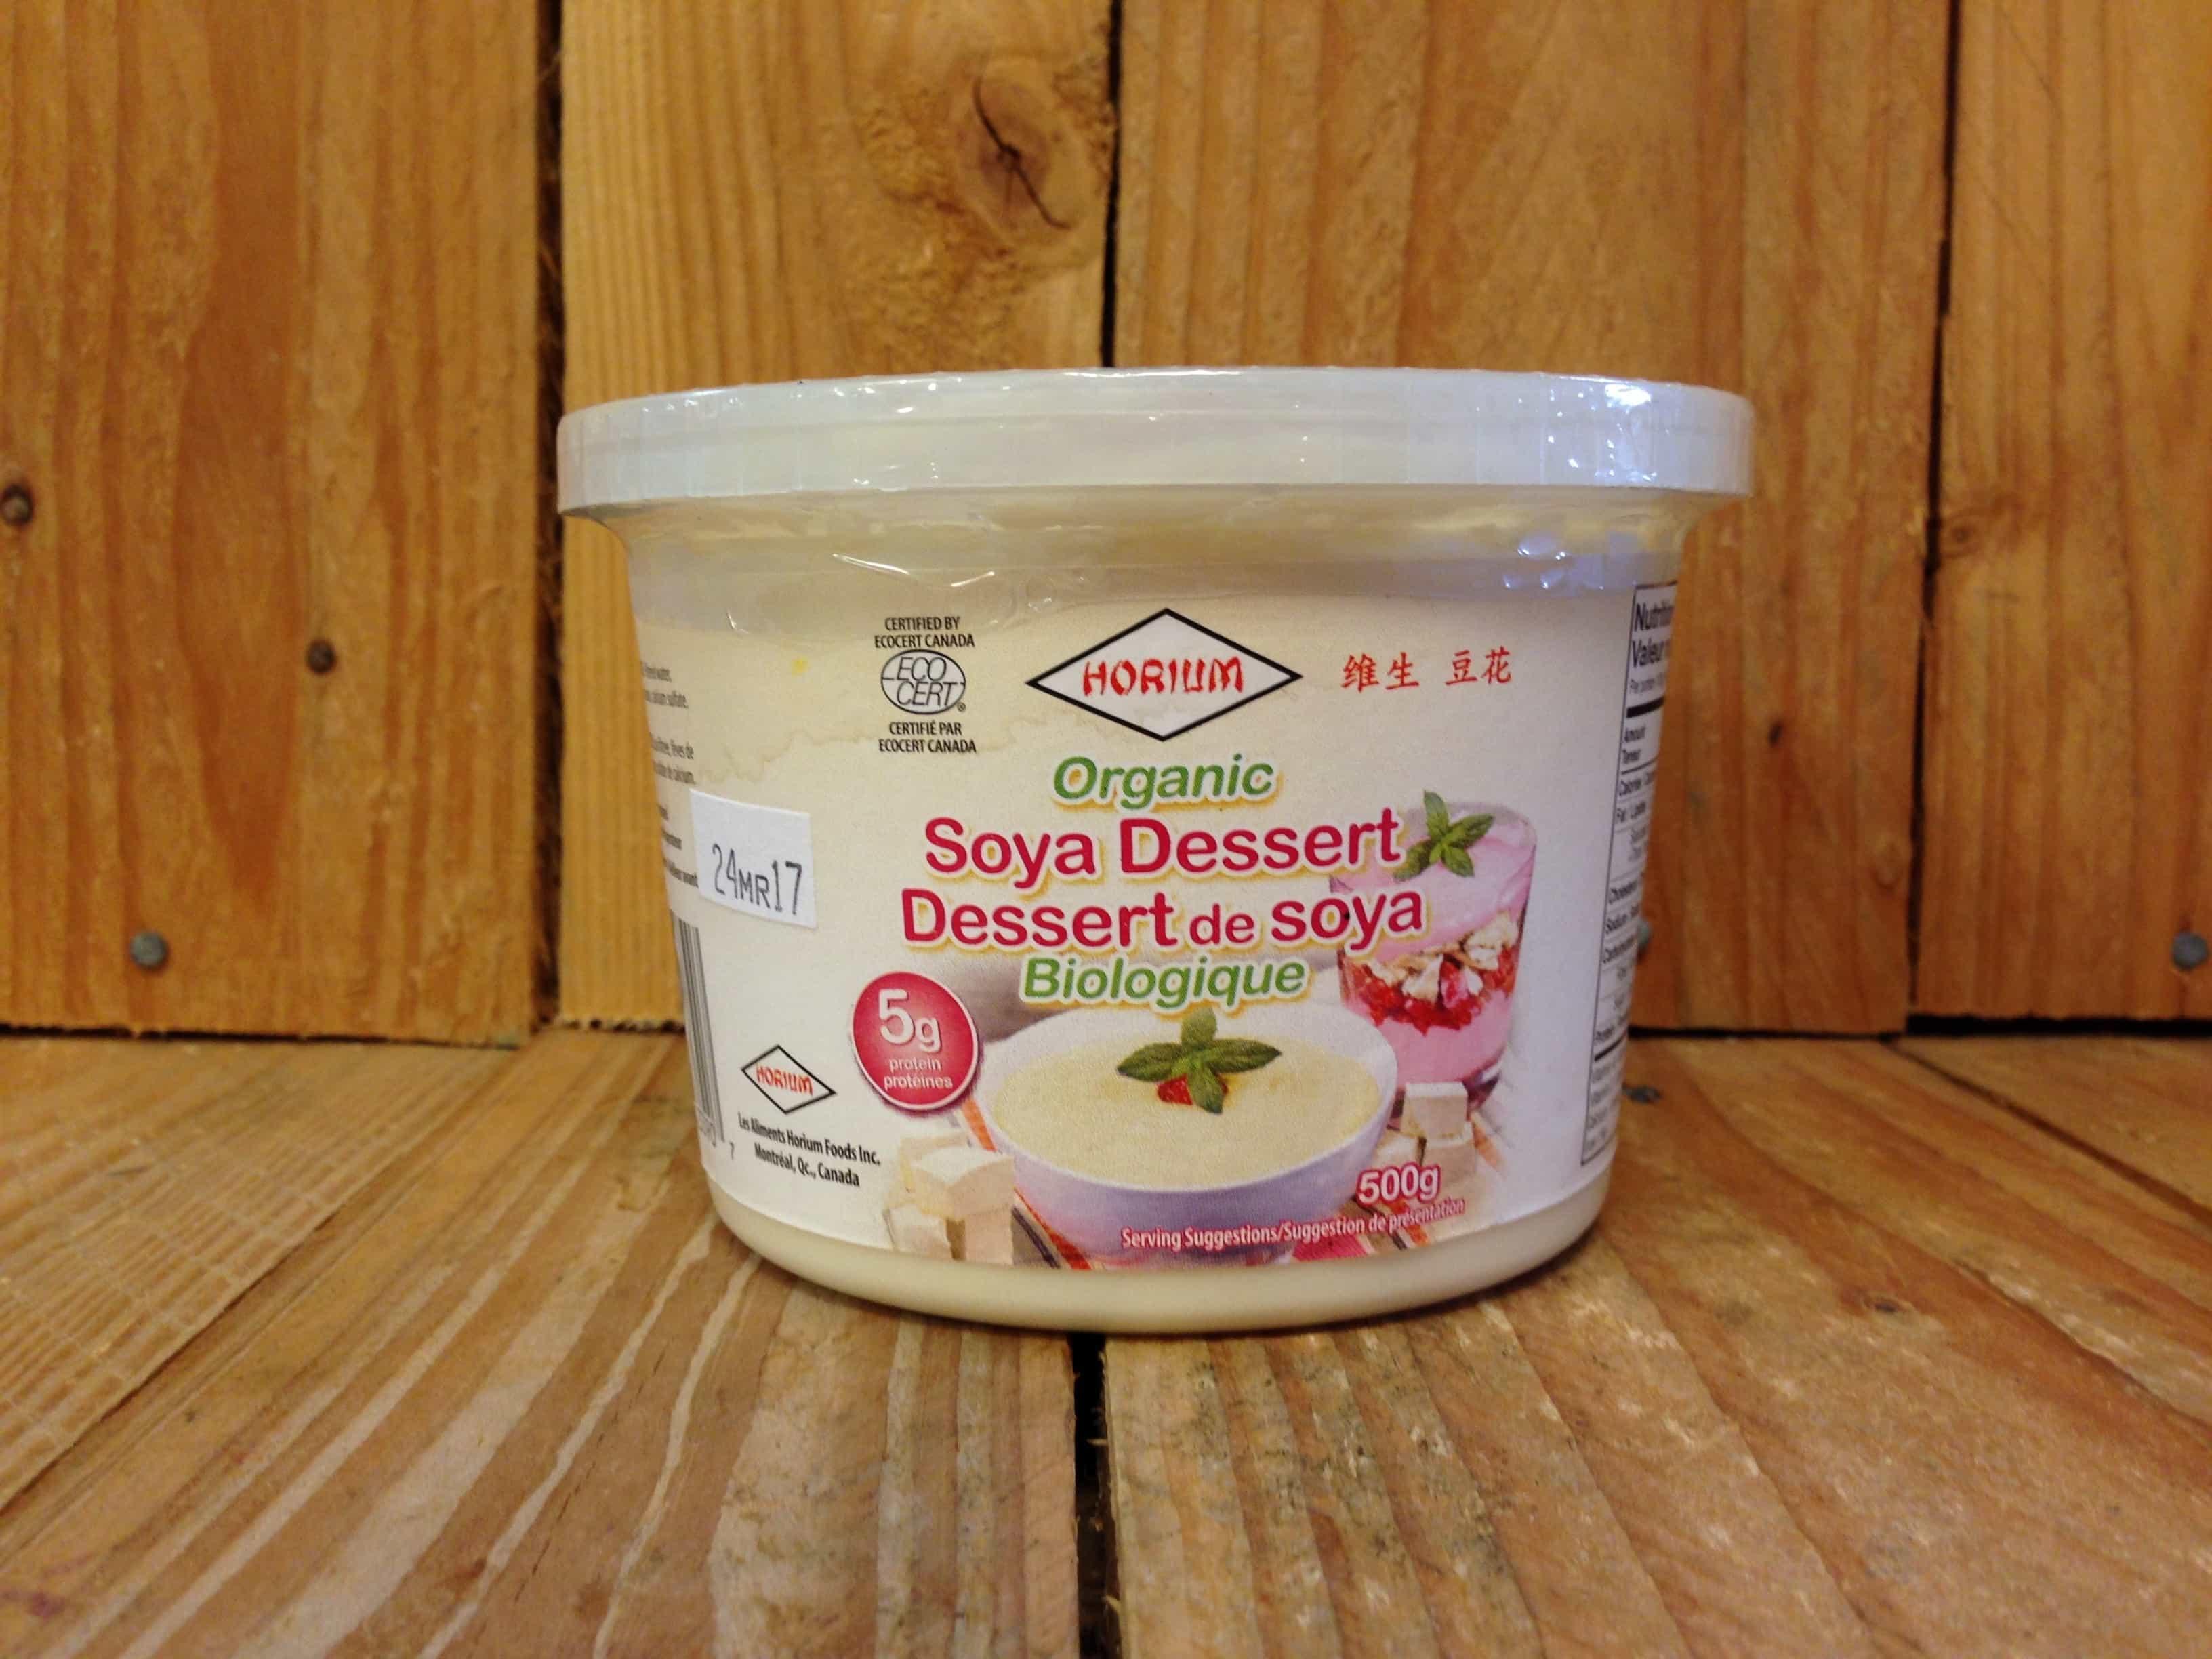 Horium – Organic Soya Dessert (500g)